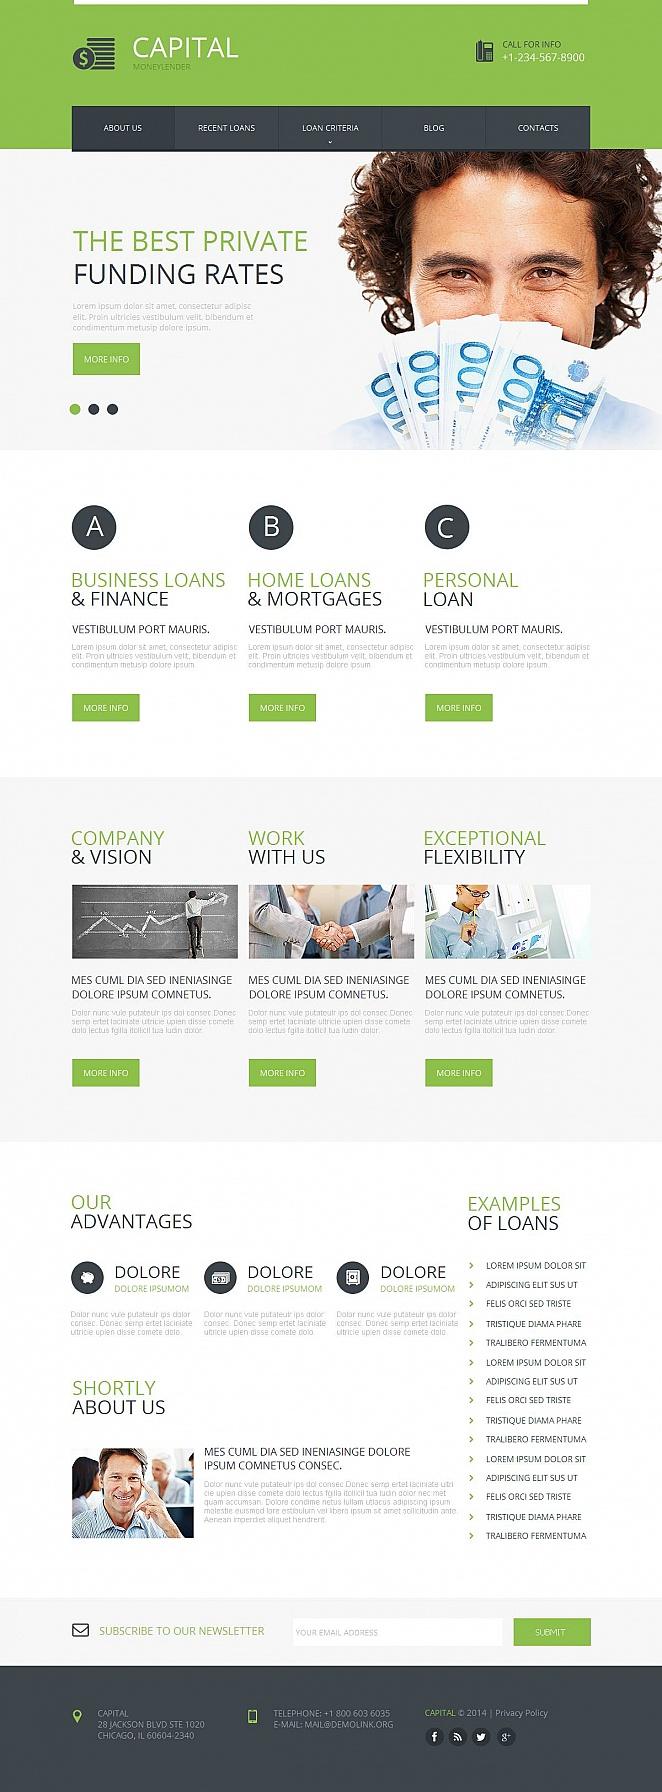 Mortgage Lender Website Template - image